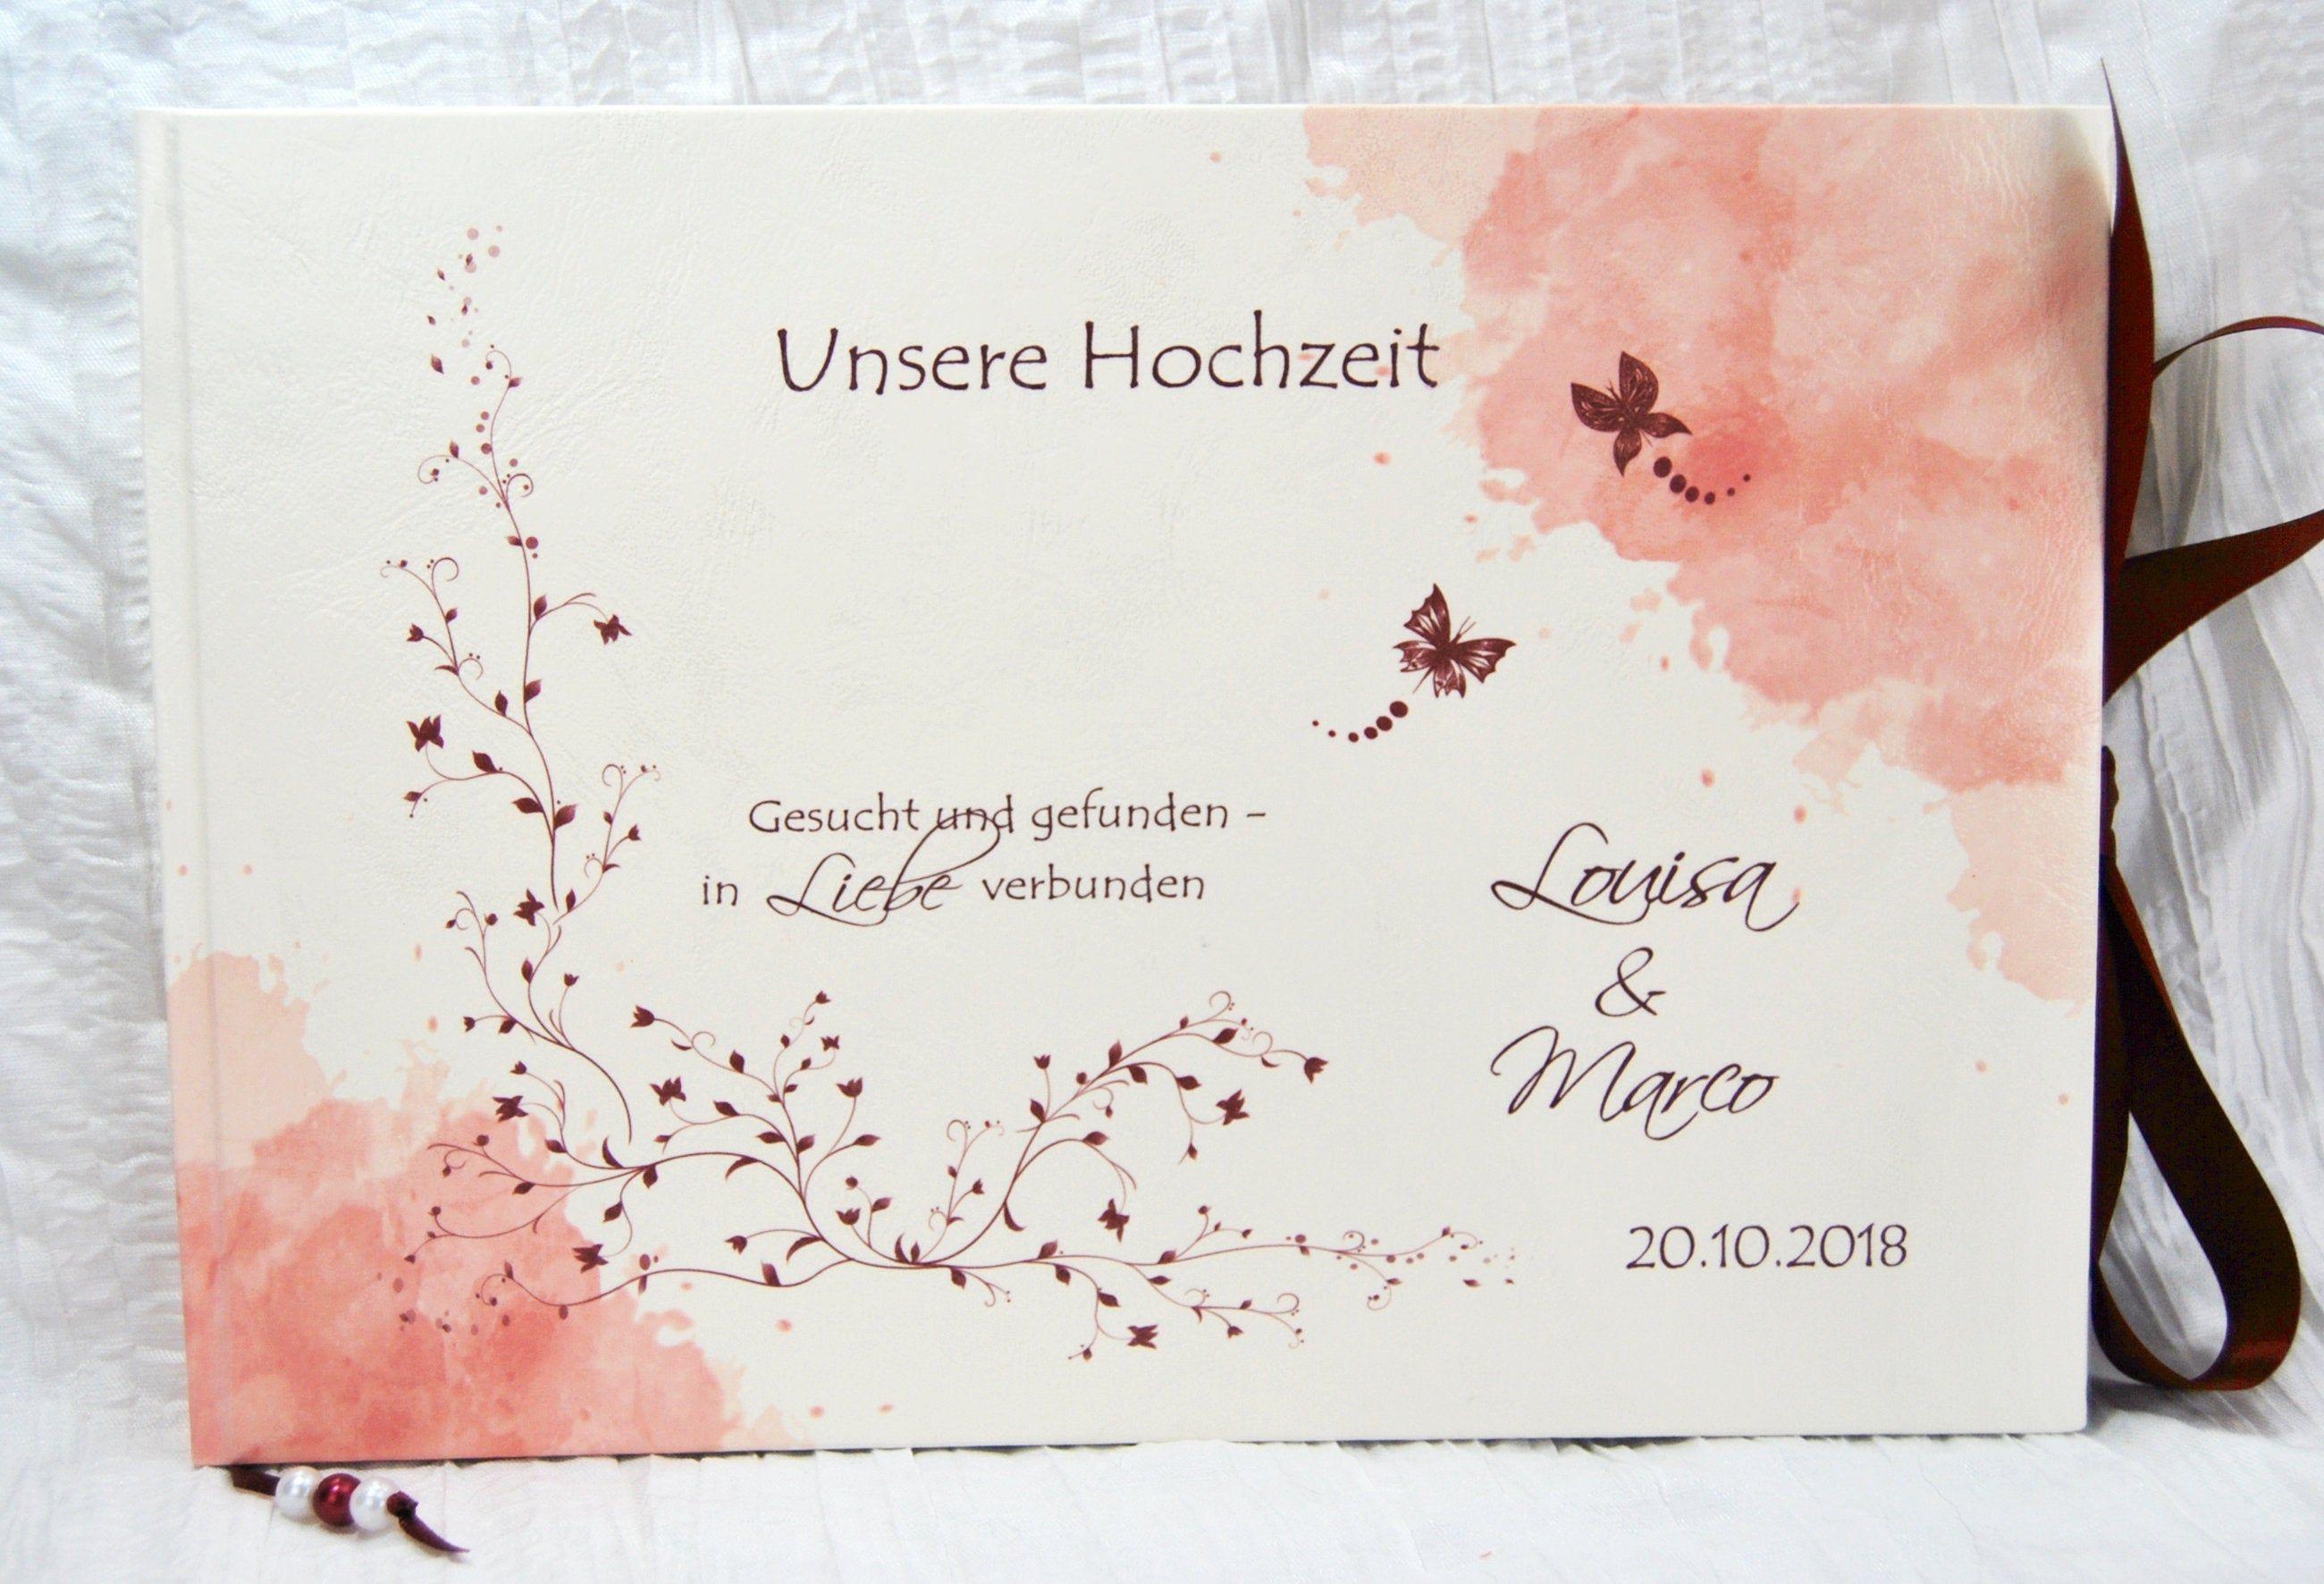 Gastebuch Hochzeit Mit Fragen Fragebogen Rosen Schmetterling Bordeaux Weinrot Rot Hochzeitsgastebuch Personalisiert Name Hochzeitsgeschenk